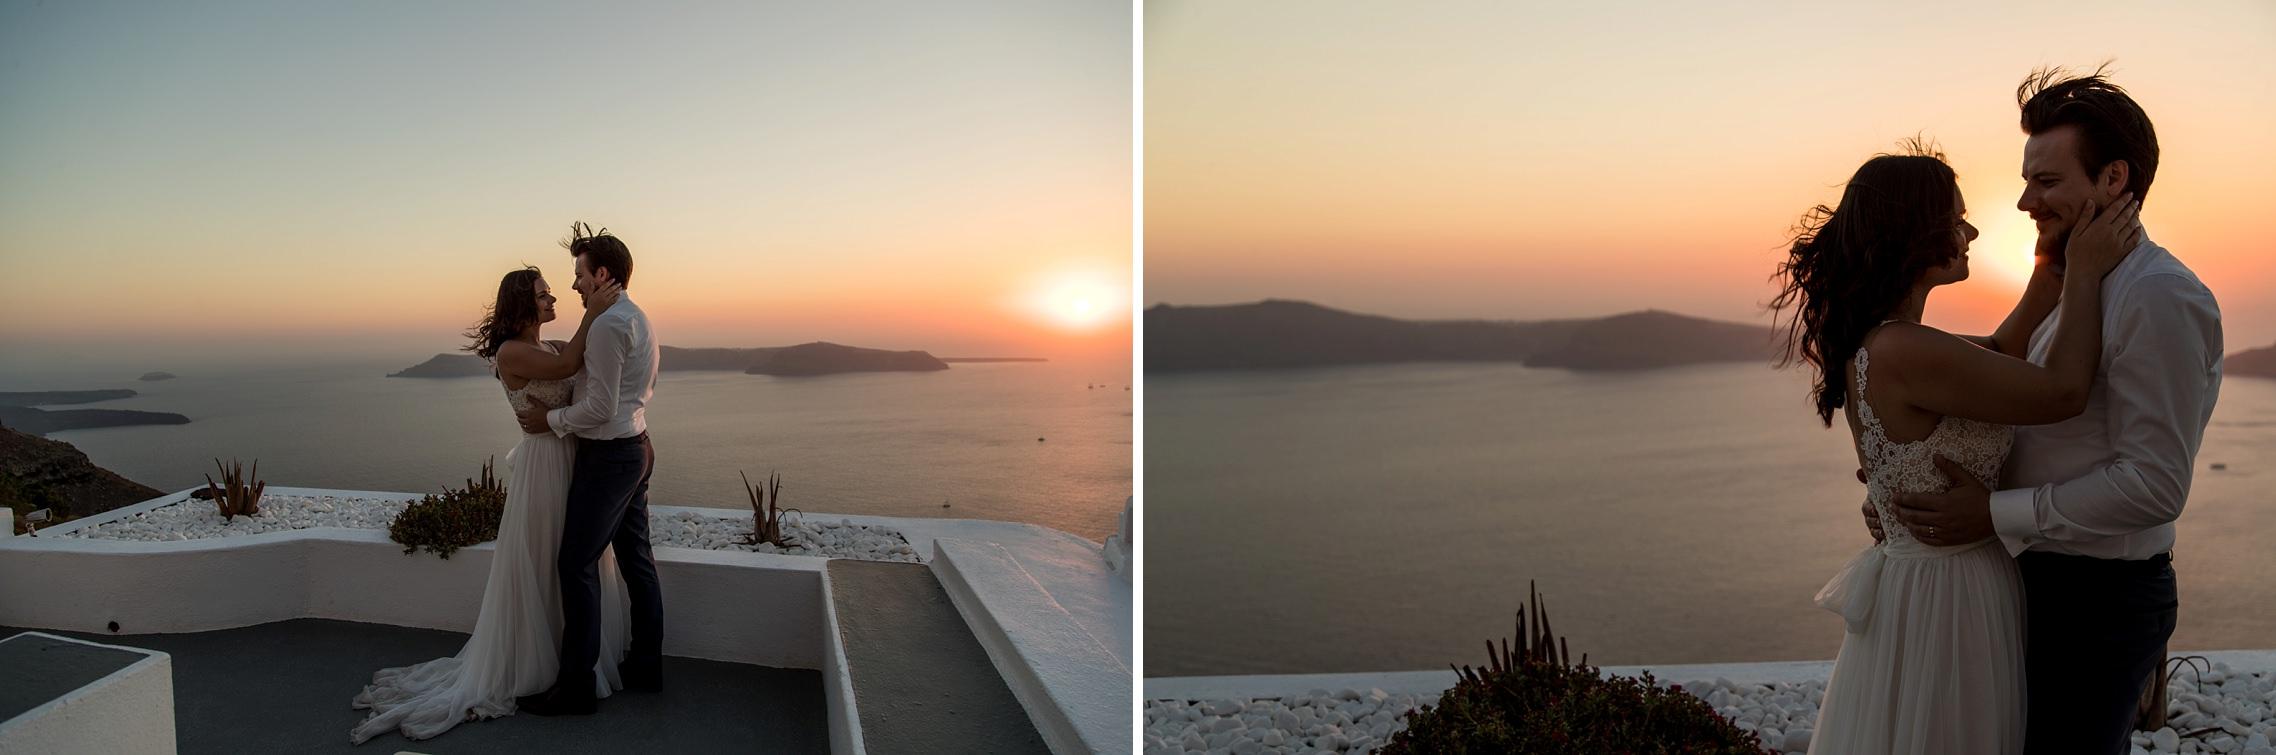 Hochzeitspaar in der Abendbrise beim Sonnenuntergang auf Santorini - Elopement in Griechenland.